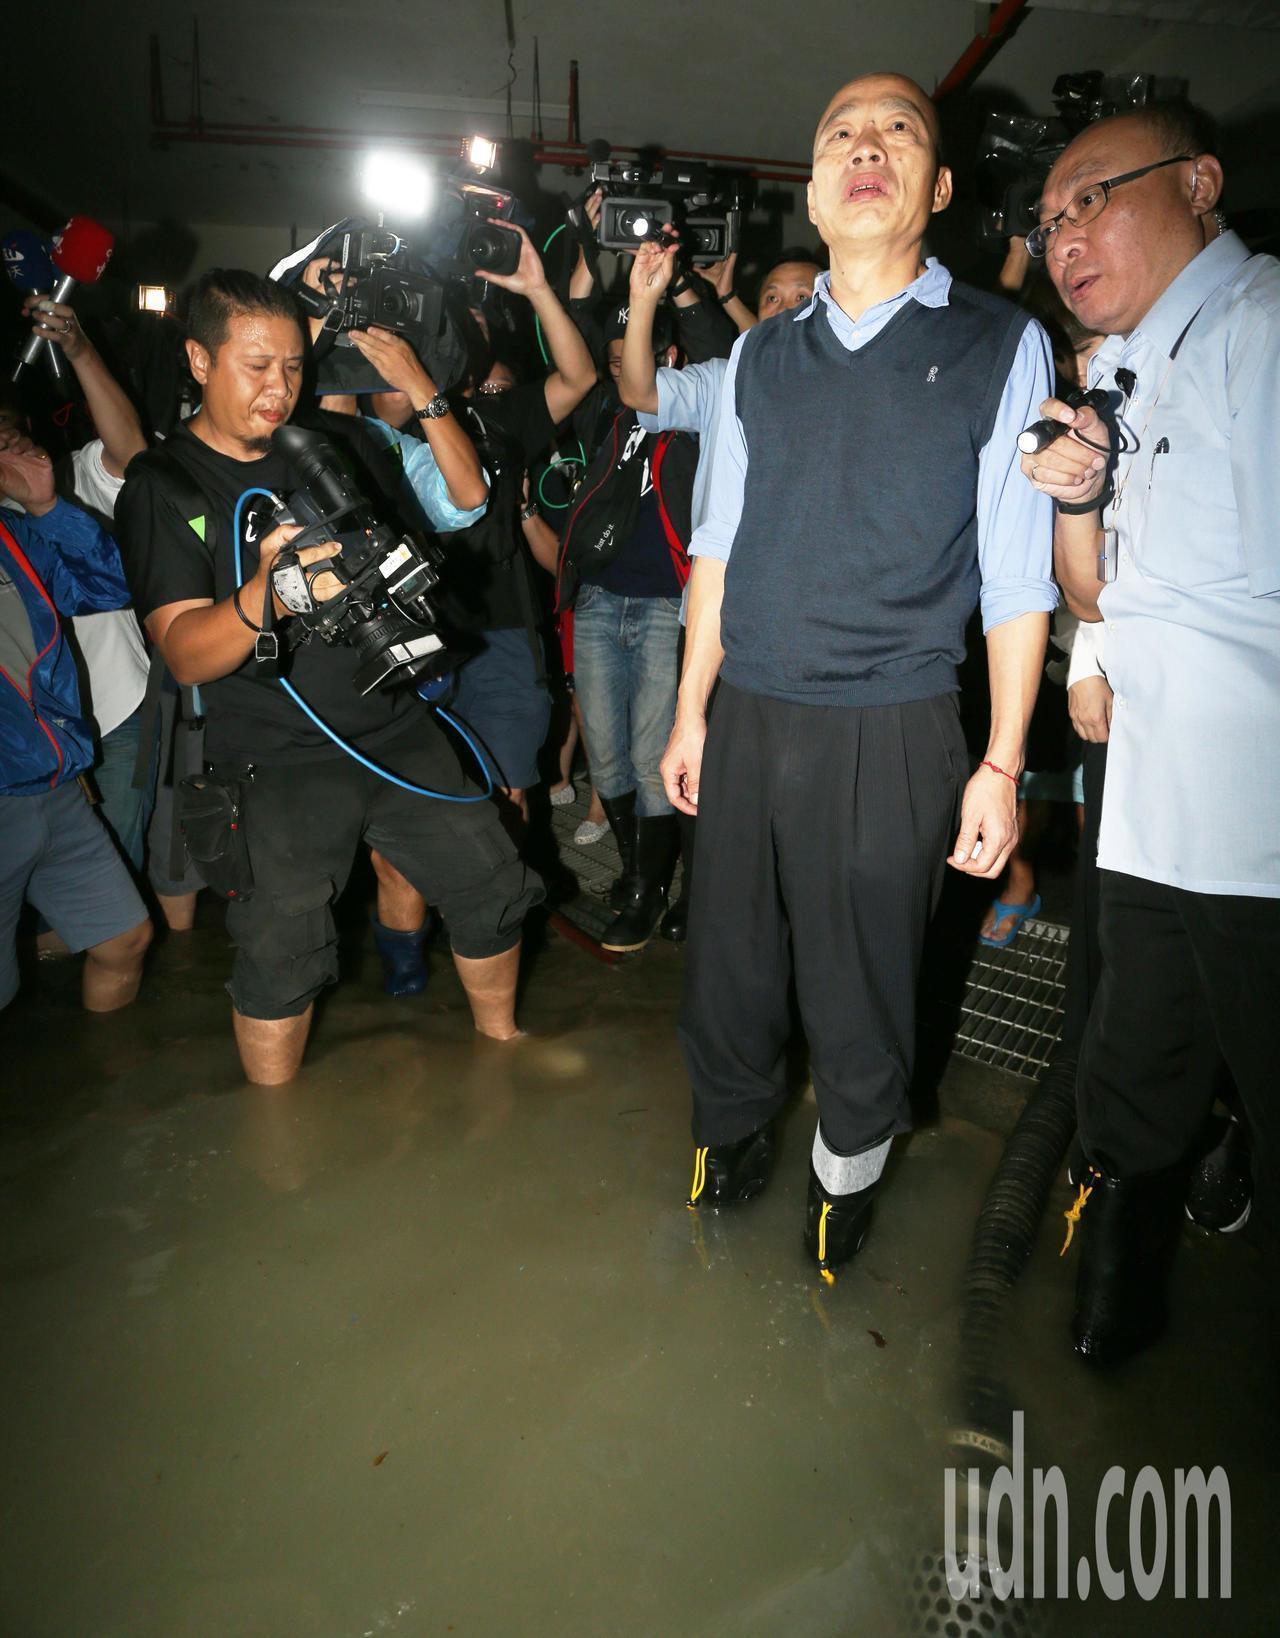 高雄暴雨,多處淹水,高雄市長韓國瑜昨天到苓雅區一棟大樓視察地下室淹水情況,他還親...